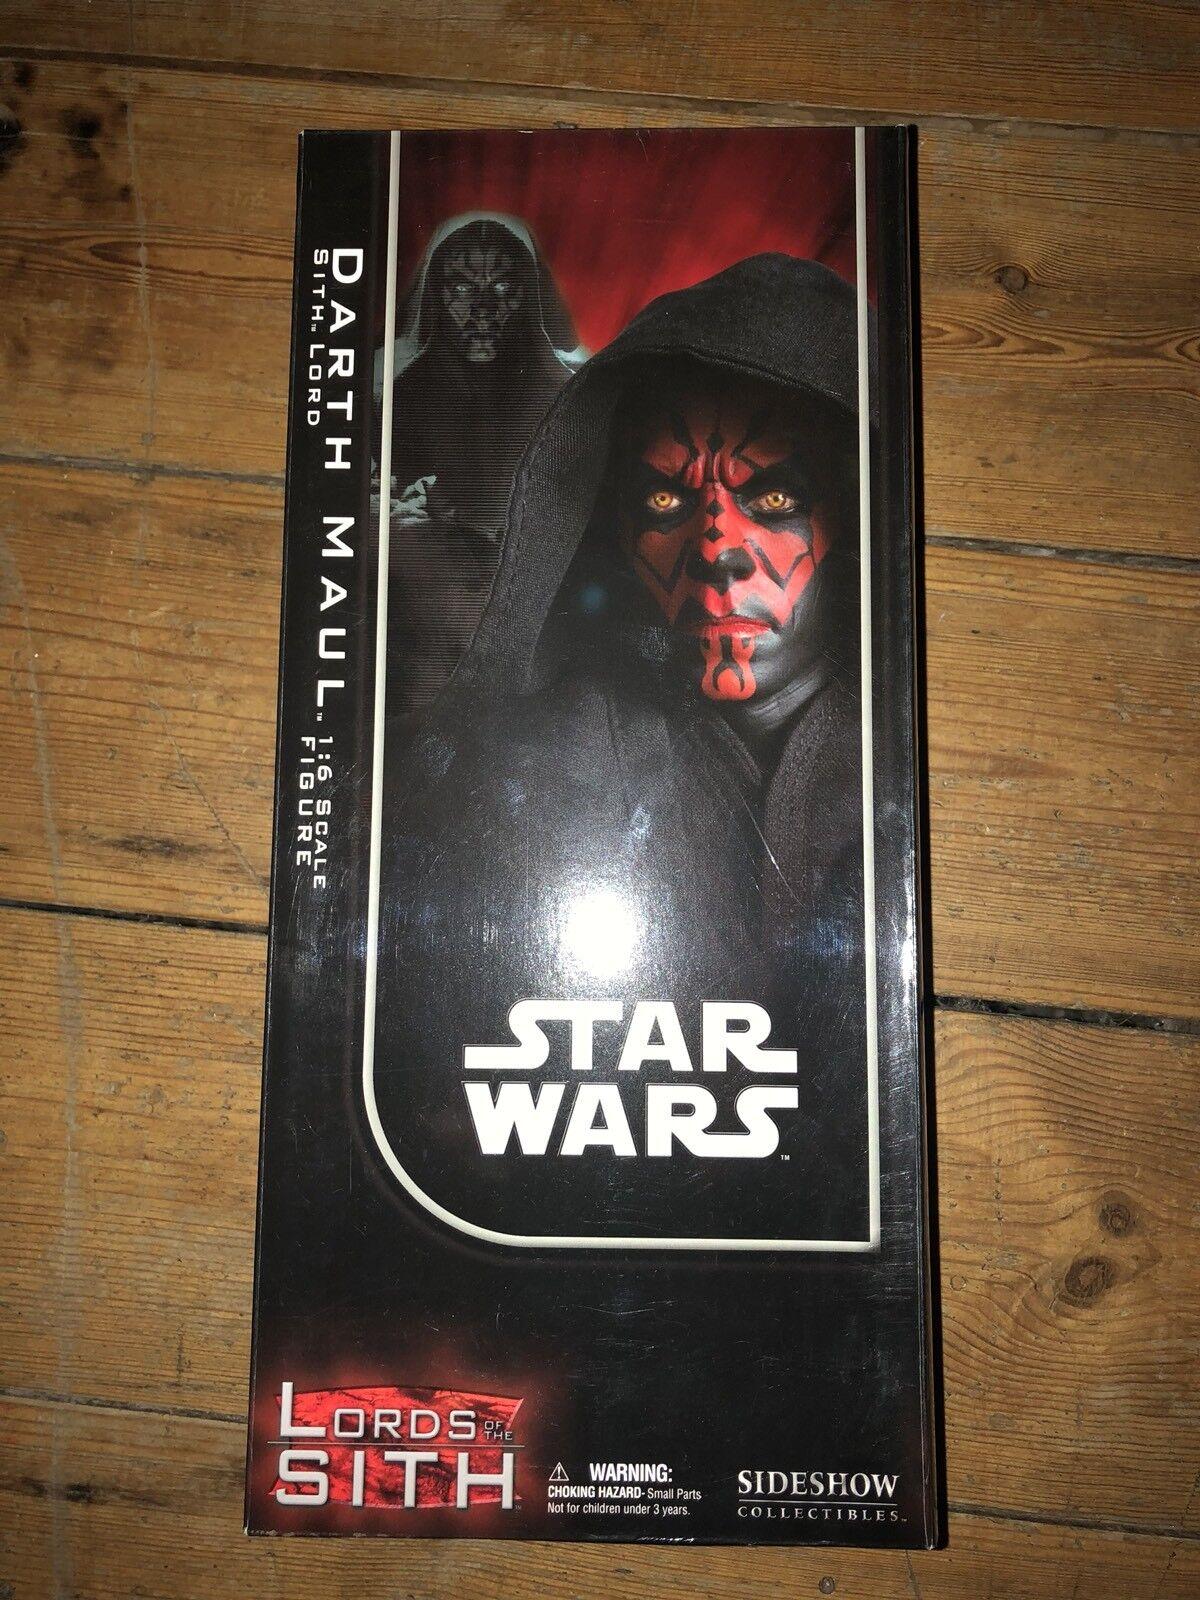 comprar descuentos Sideshow señores de los los los Sith De Estrella Wars Darth Maul Sith Lord afssc 508  ahorra hasta un 50%